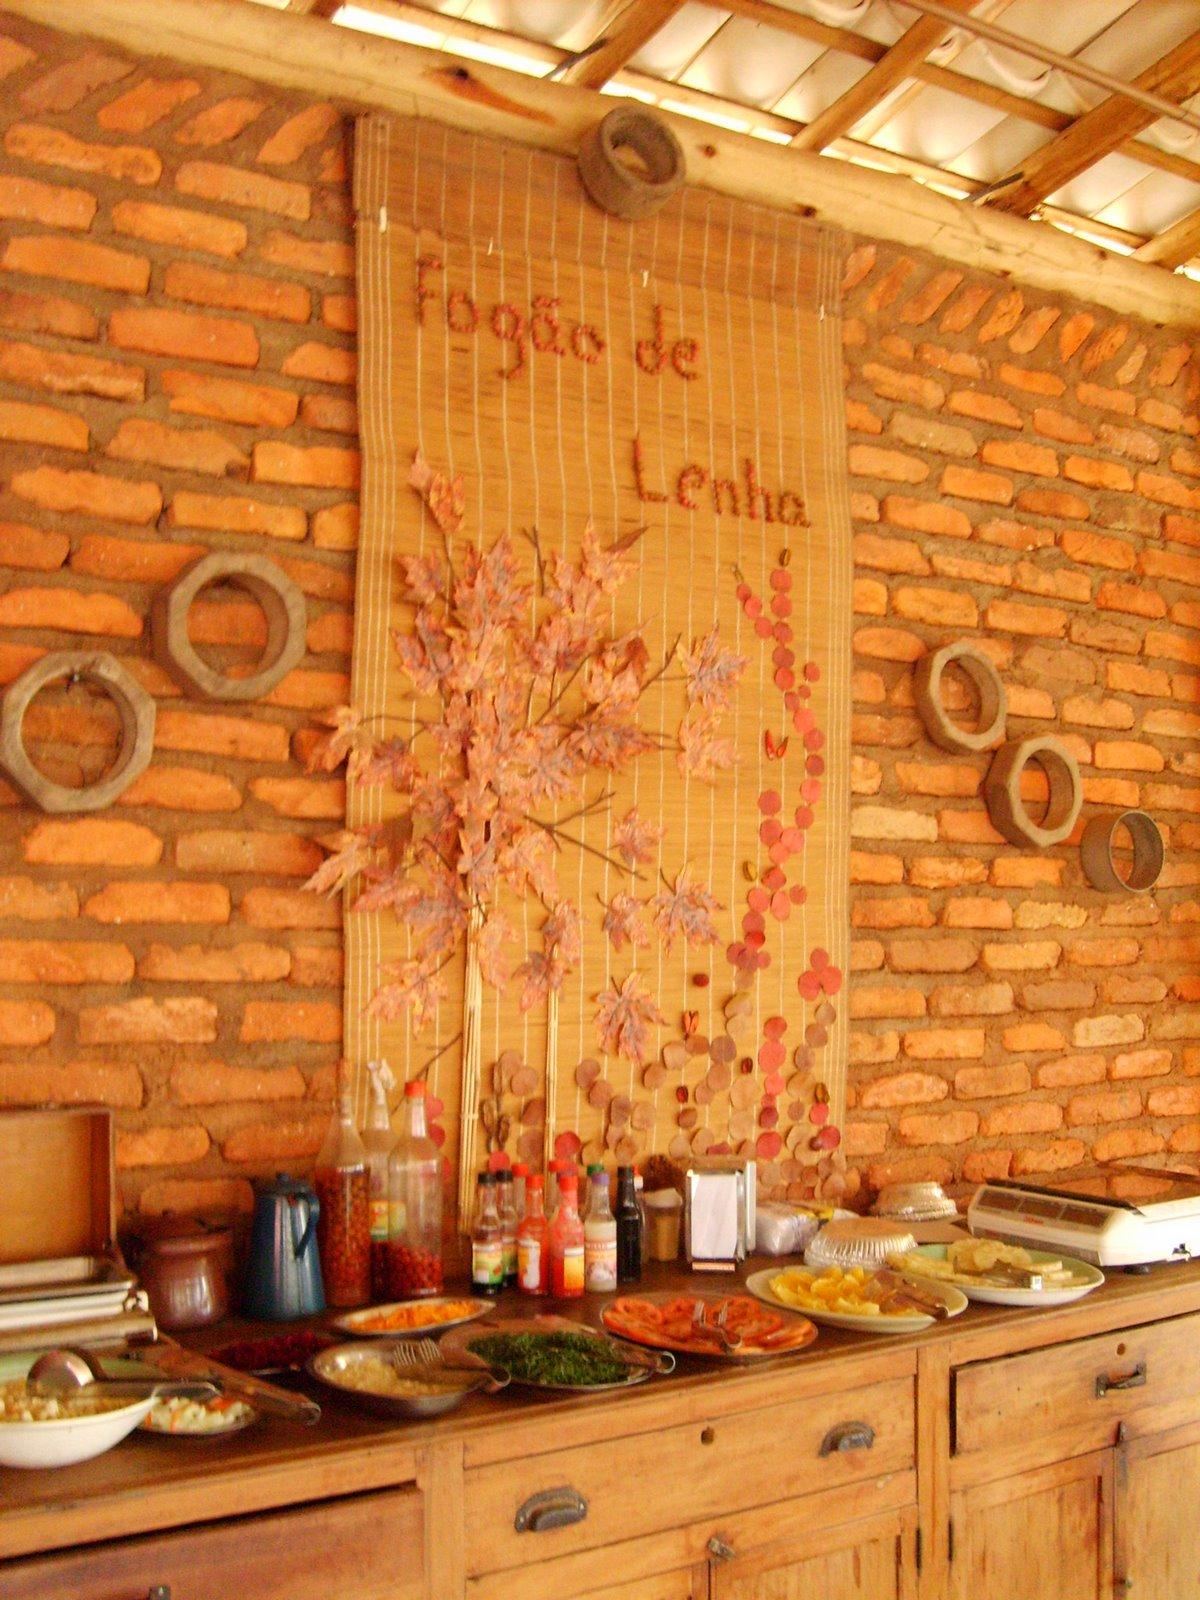 Pin Cozinha Mineira Encanta Não Somente Porque é A Mais on Pinterest #BC750F 1200 1600